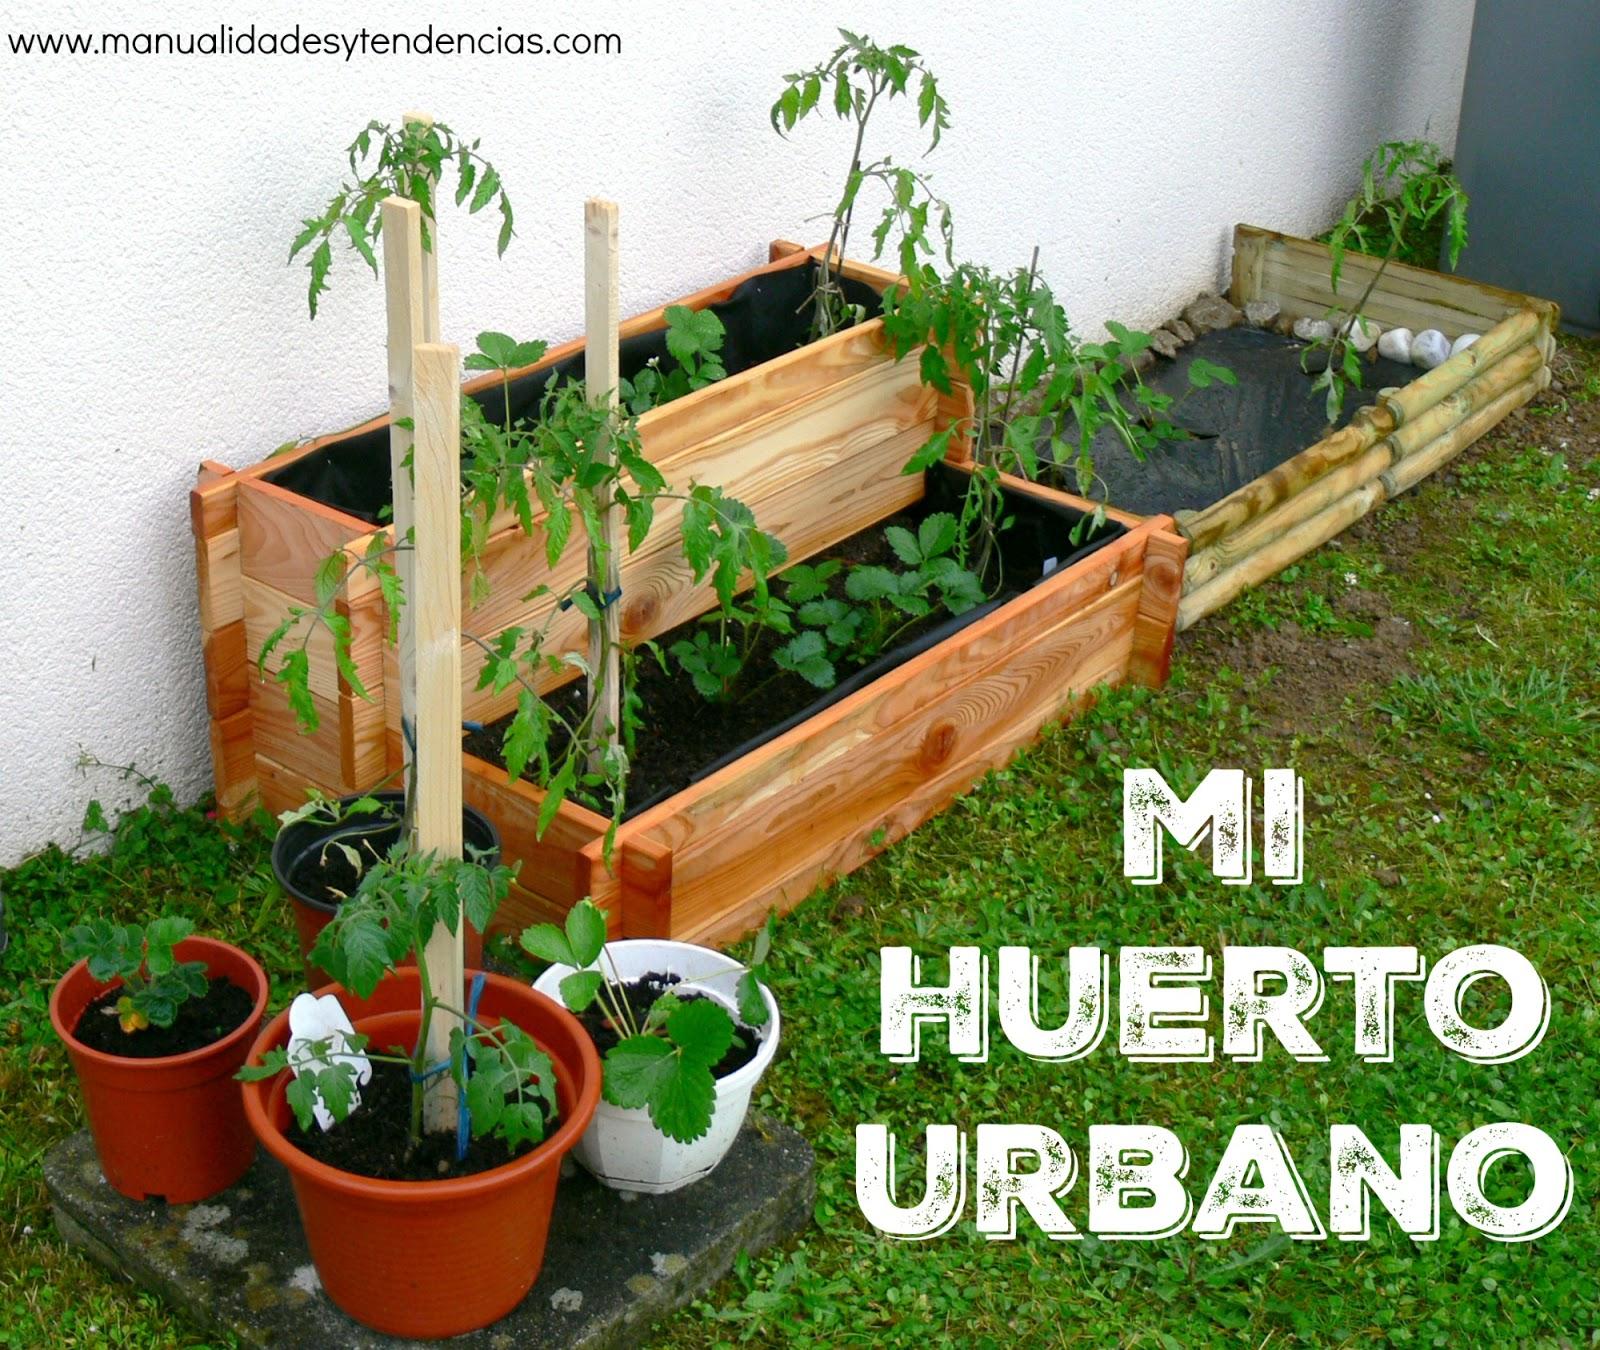 Manualidades y tendencias c mo hacer un huerto urbano for Como hacer una terraza techada